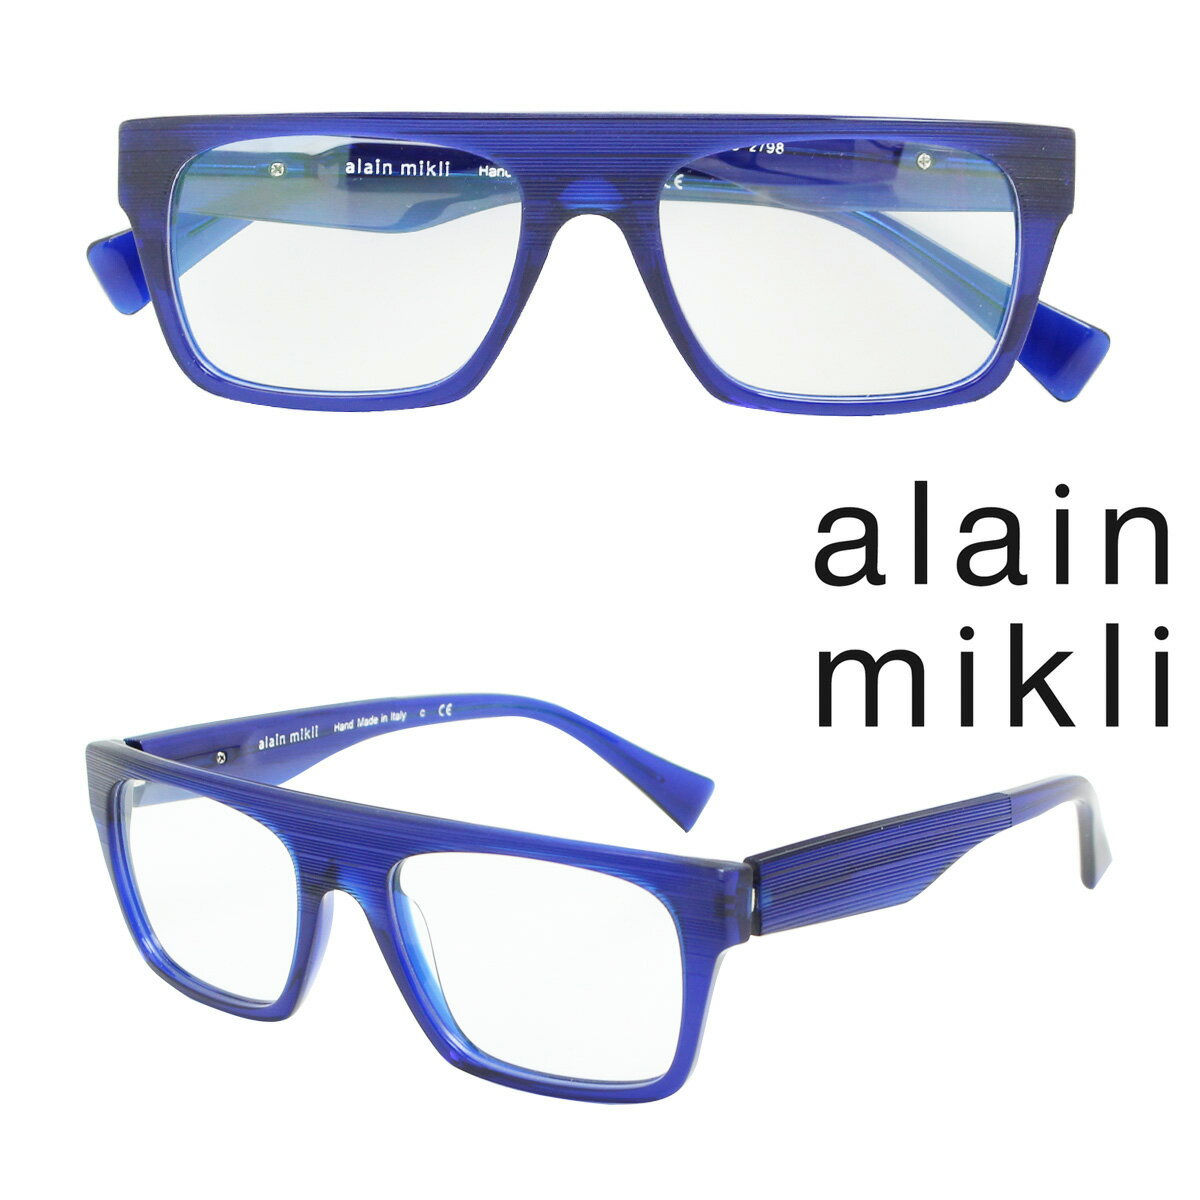 アランミクリ alain mikli メガネ 眼鏡 イタリア製 メンズ レディース 【返品不可】